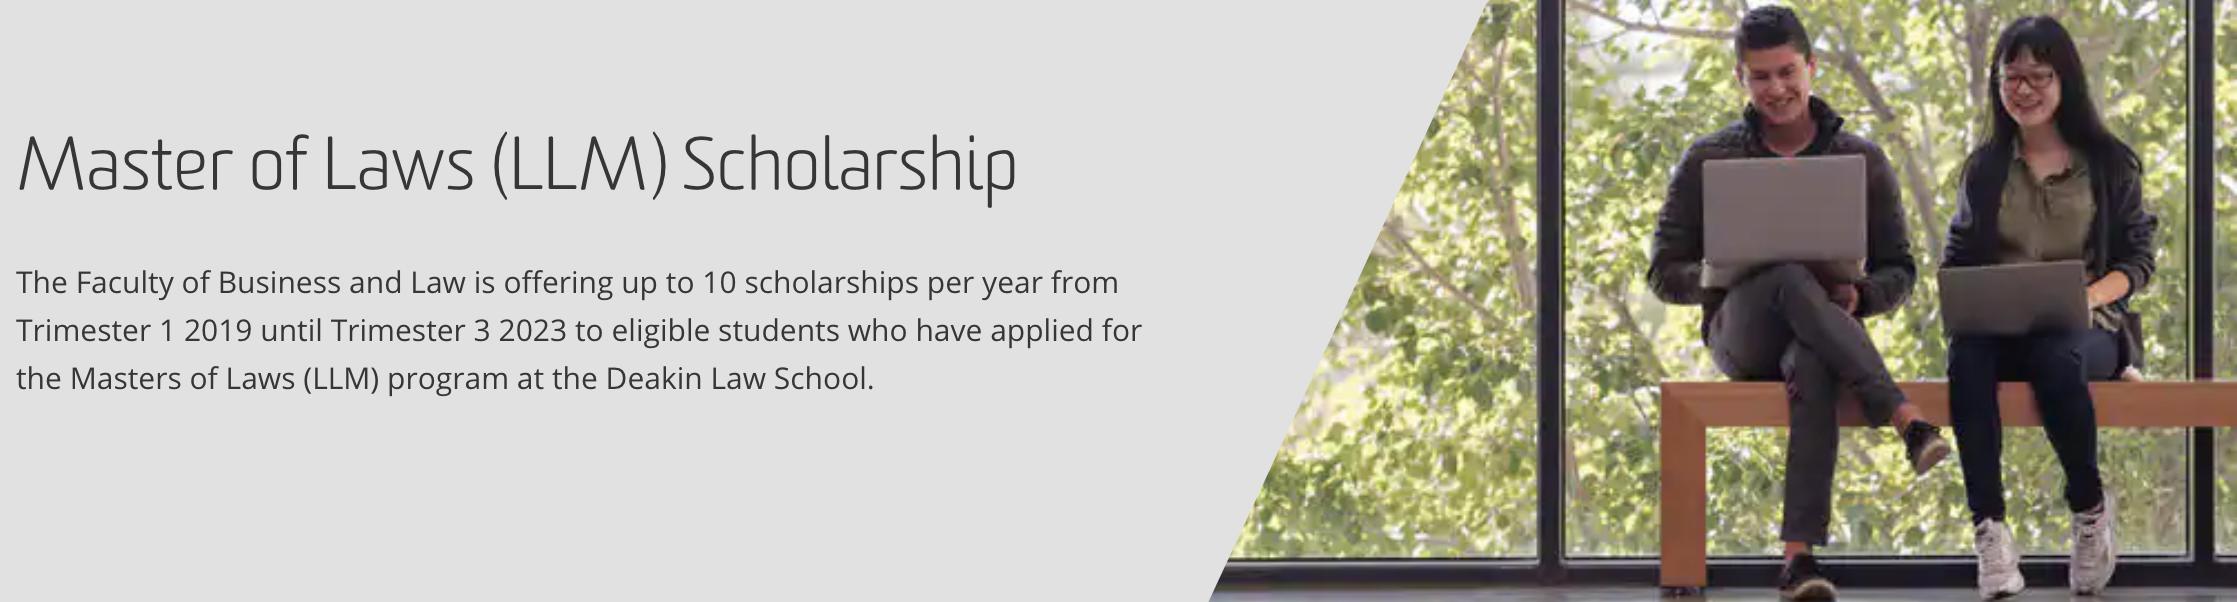 Đại học Deakin cấp học bổng lên đến 10,000AUD/1 năm cho toàn khóa